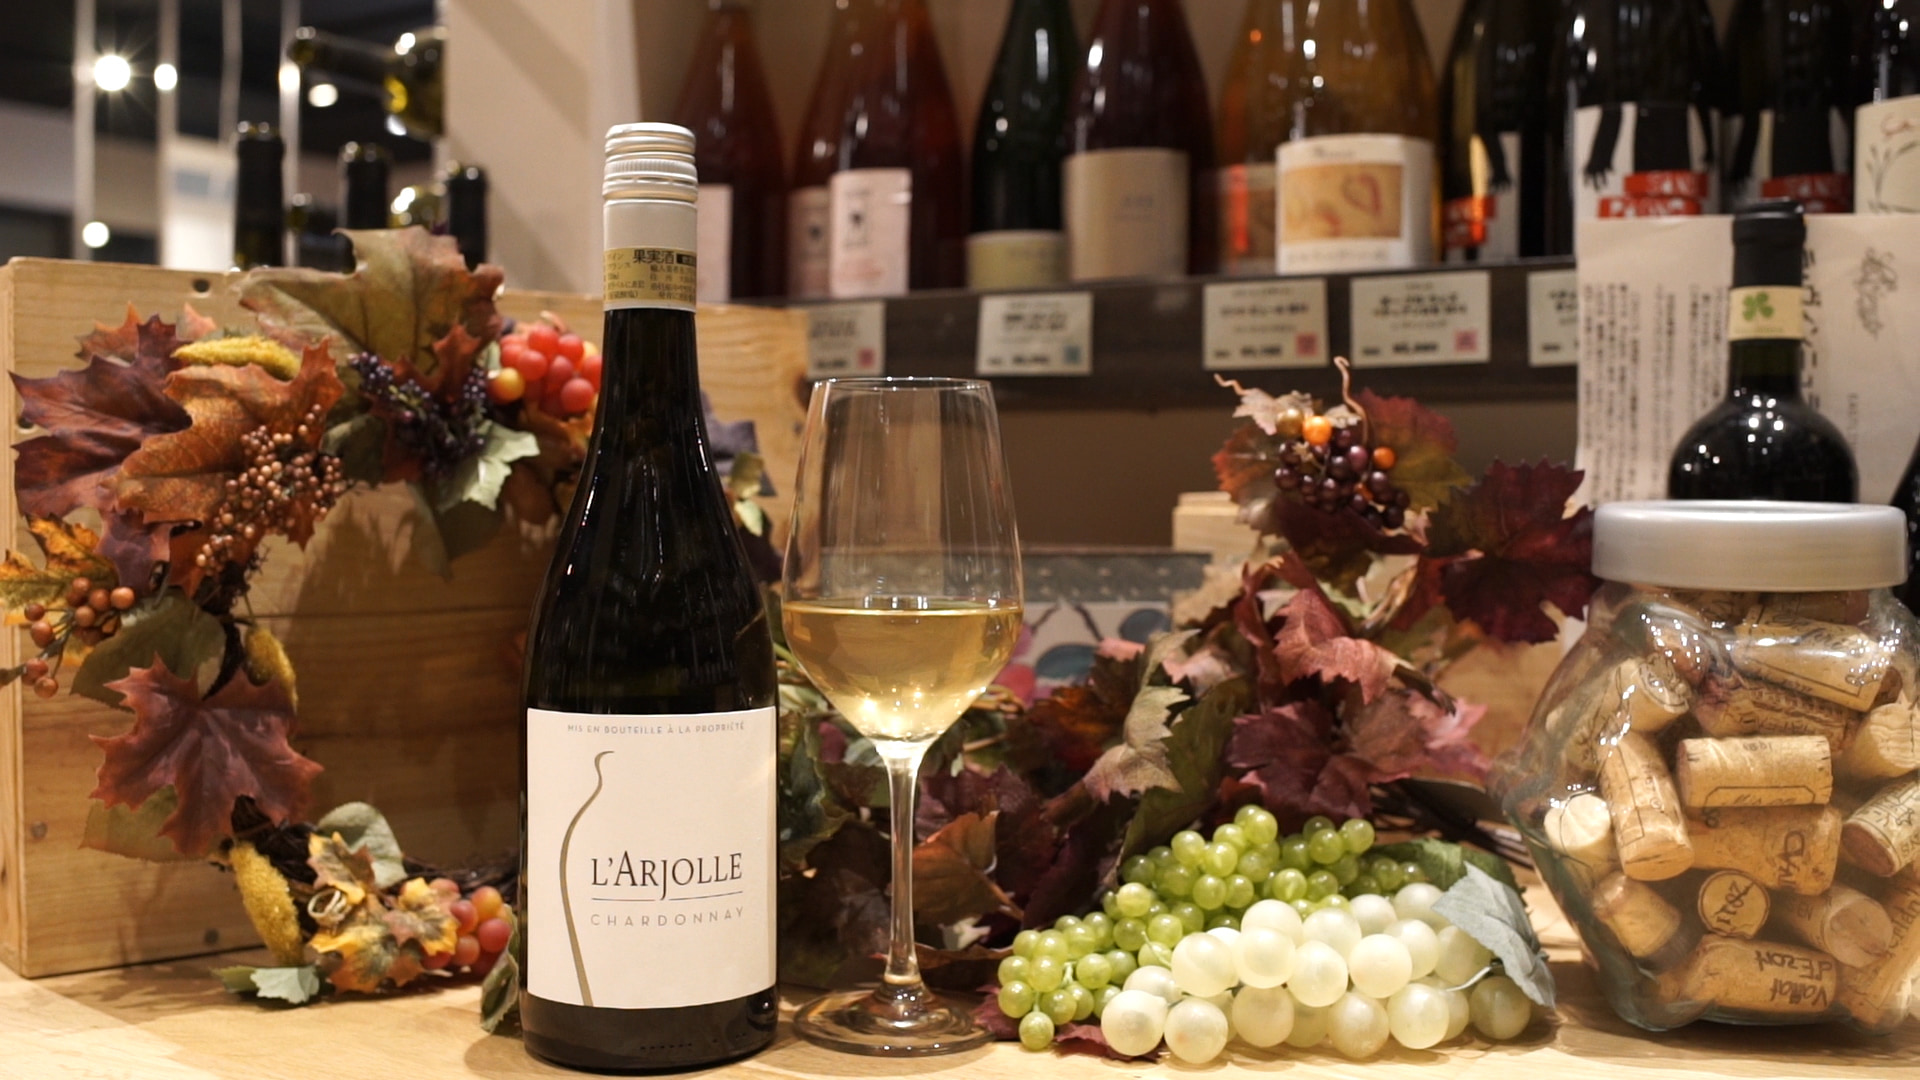 <自分でワインを選べるように!>白ワイン編Vol.4【シャルドネ】